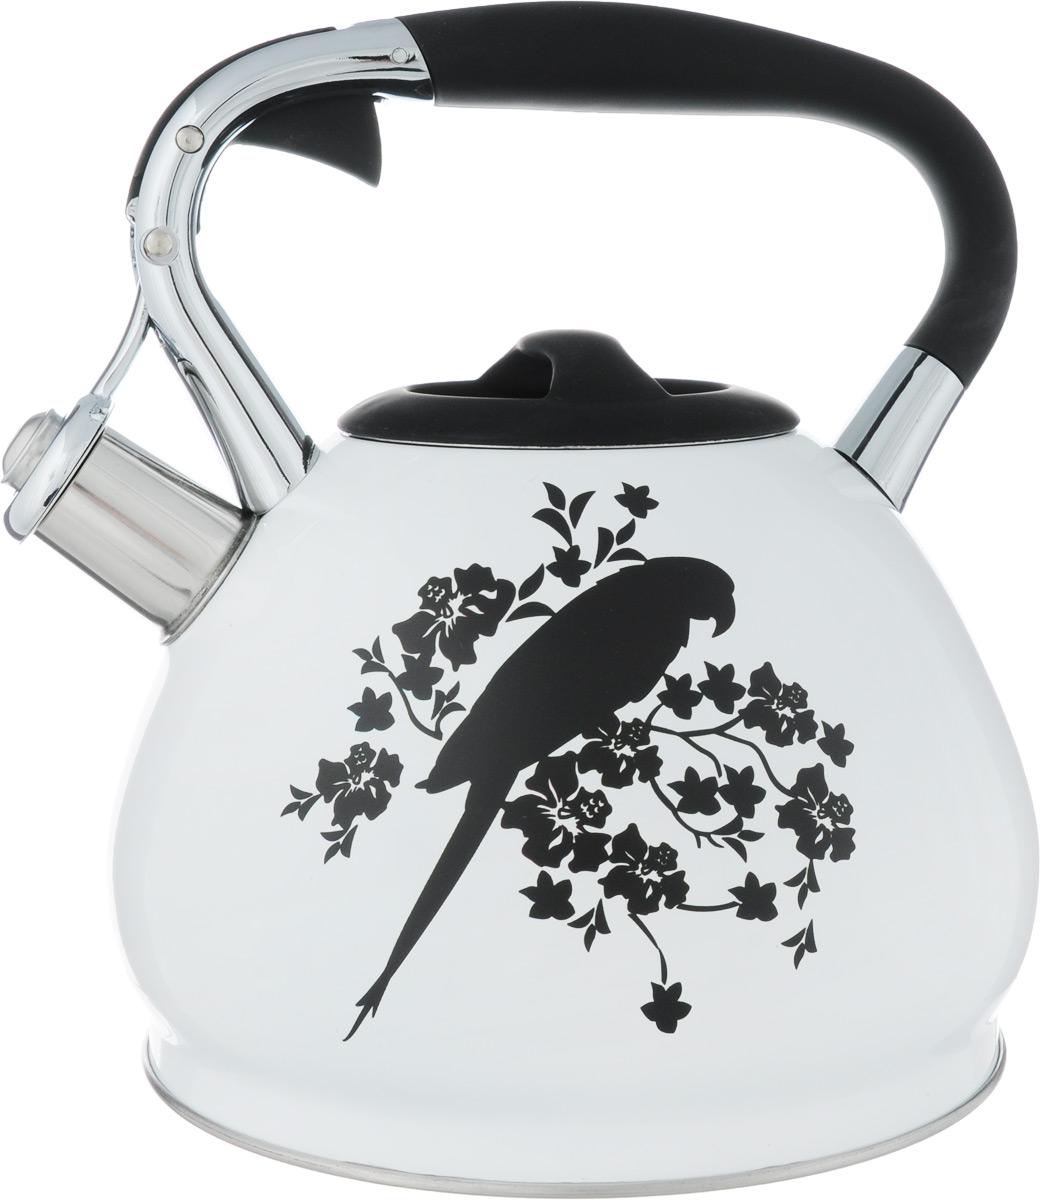 Чайник Bekker Попугай, со свистком, 3 лBK-S594_попугайЧайник Bekker Попугай выполнен из высококачественной нержавеющей стали, что обеспечивает долговечность использования. Внешнее цветное покрытие придает приятный внешний вид. Фиксированная ручка из бакелита с силиконовым покрытием делает использование чайника очень удобным и безопасным. Чайник снабжен свистком и устройством для открывания носика, которое находится на ручке. Изделие оснащено цельнометаллическим дном, что способствует медленному остыванию чайника. Черный рисунок на стенке чайника при достижении температуры 40°С начинает менять окрас на радужные цвета. Подходит для газовых, электрических и стеклокерамических плит, а также индукционных. Можно мыть в посудомоечной машине. Высота чайника (без учета крышки и ручки): 14 см. Высота чайника (с учетом ручки): 24 см. Диаметр (по верхнему краю): 9,5 см.